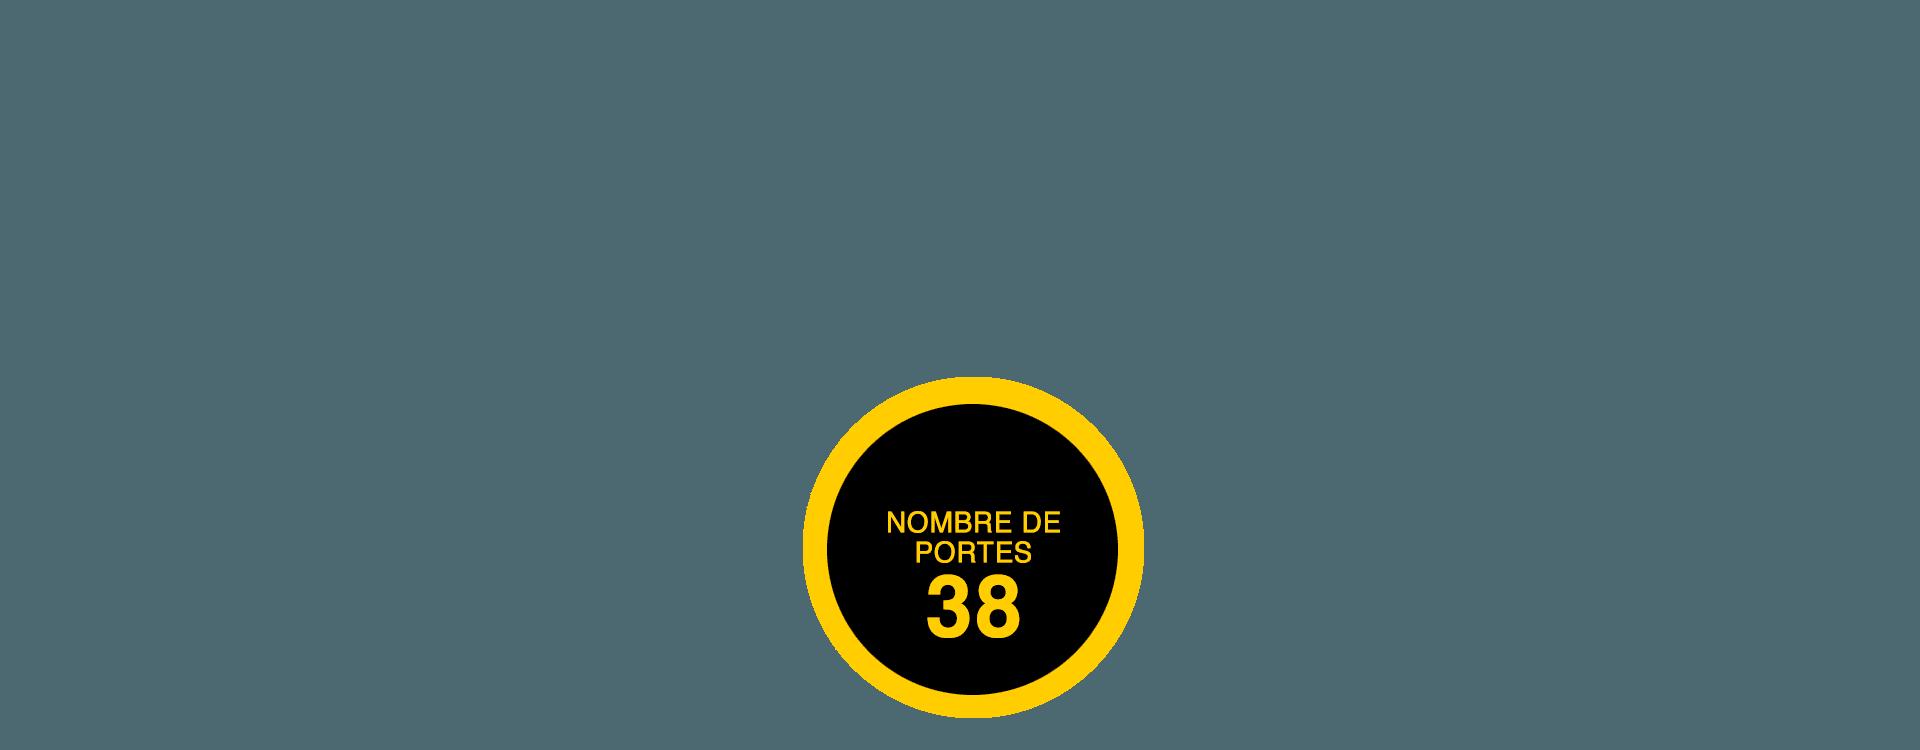 Domaine Ancestra projet d'habitation de 38 portes